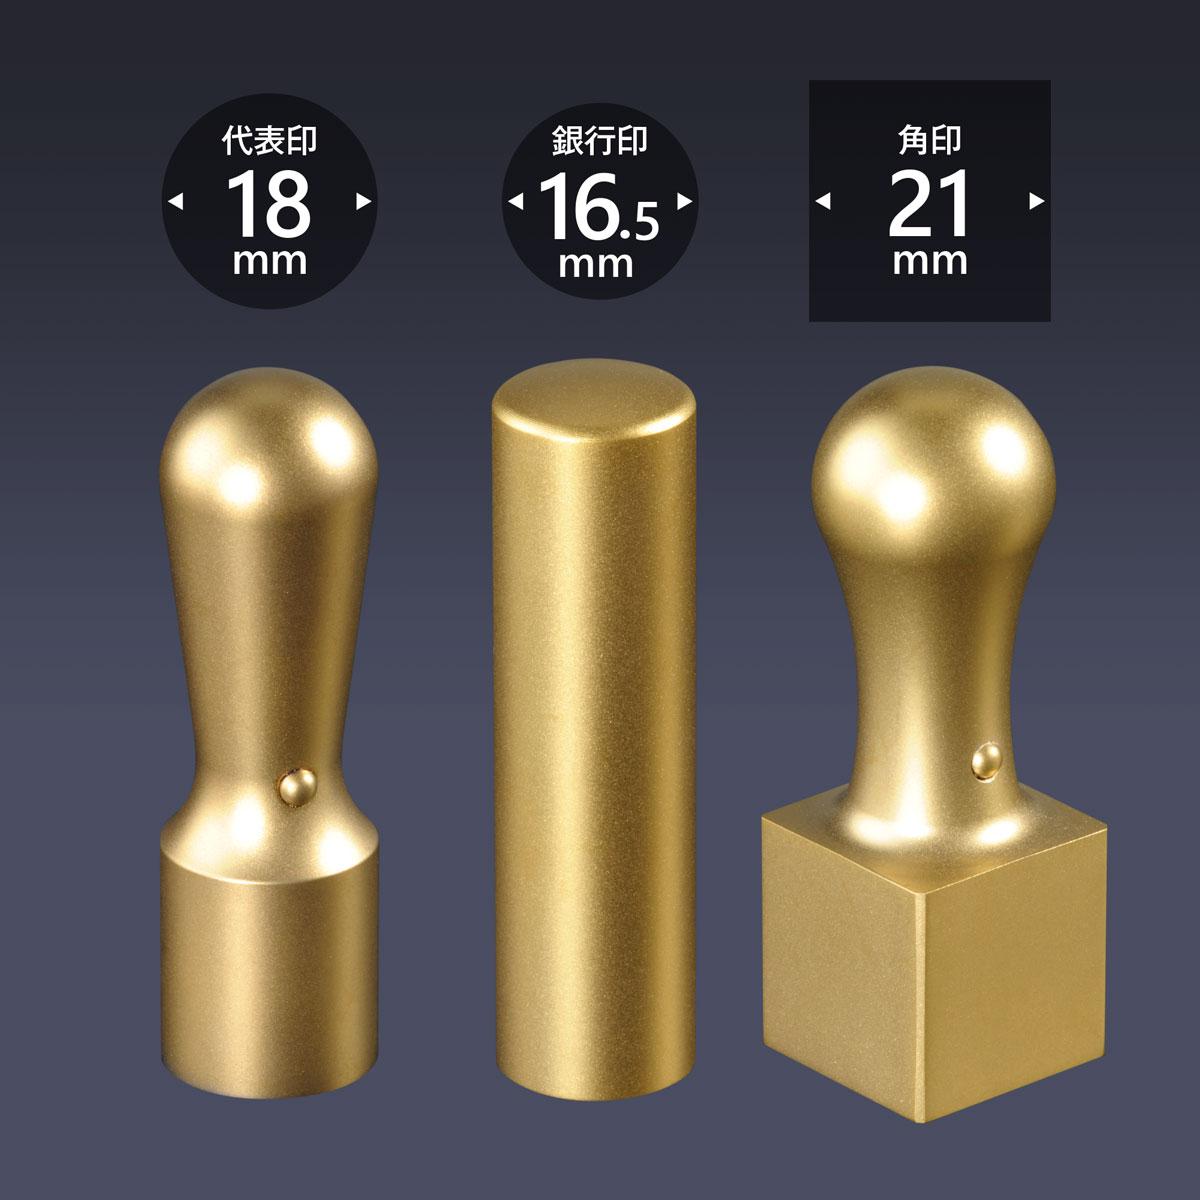 ブラストチタン(ゴールド)3本Cセット